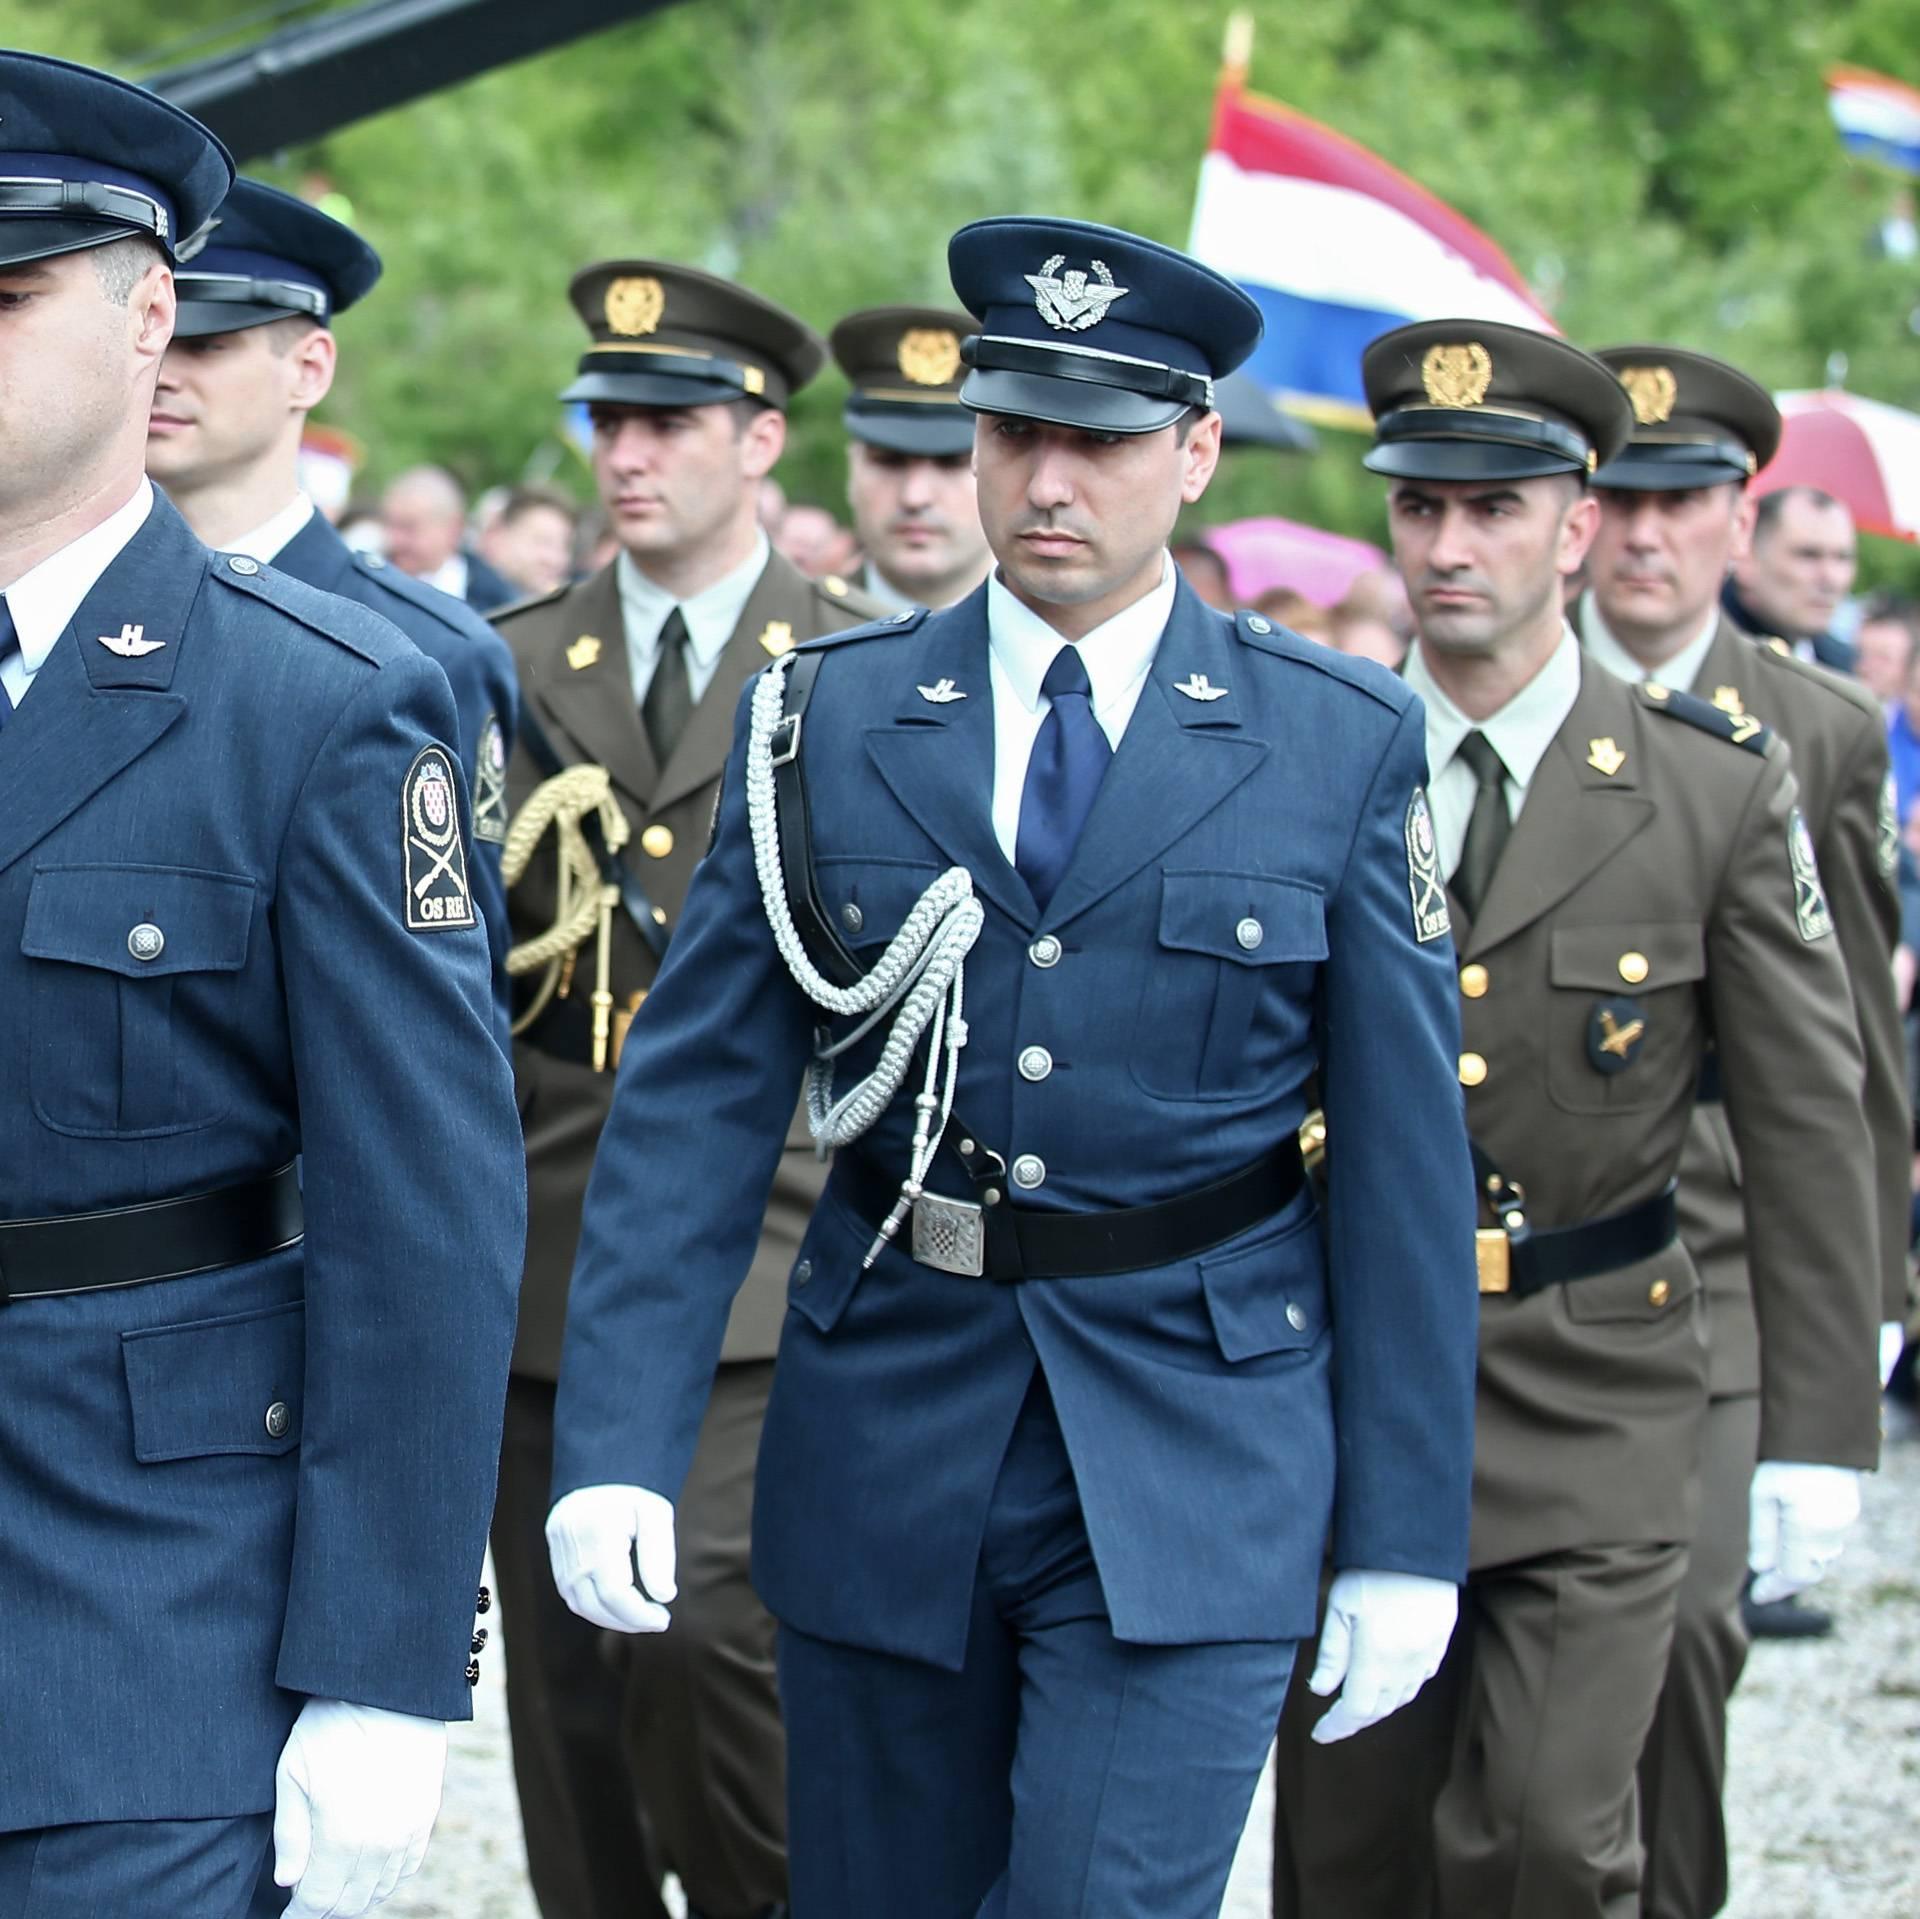 'Hrvatska do Kronplatza': Na internetu ismijavaju vod HV-a